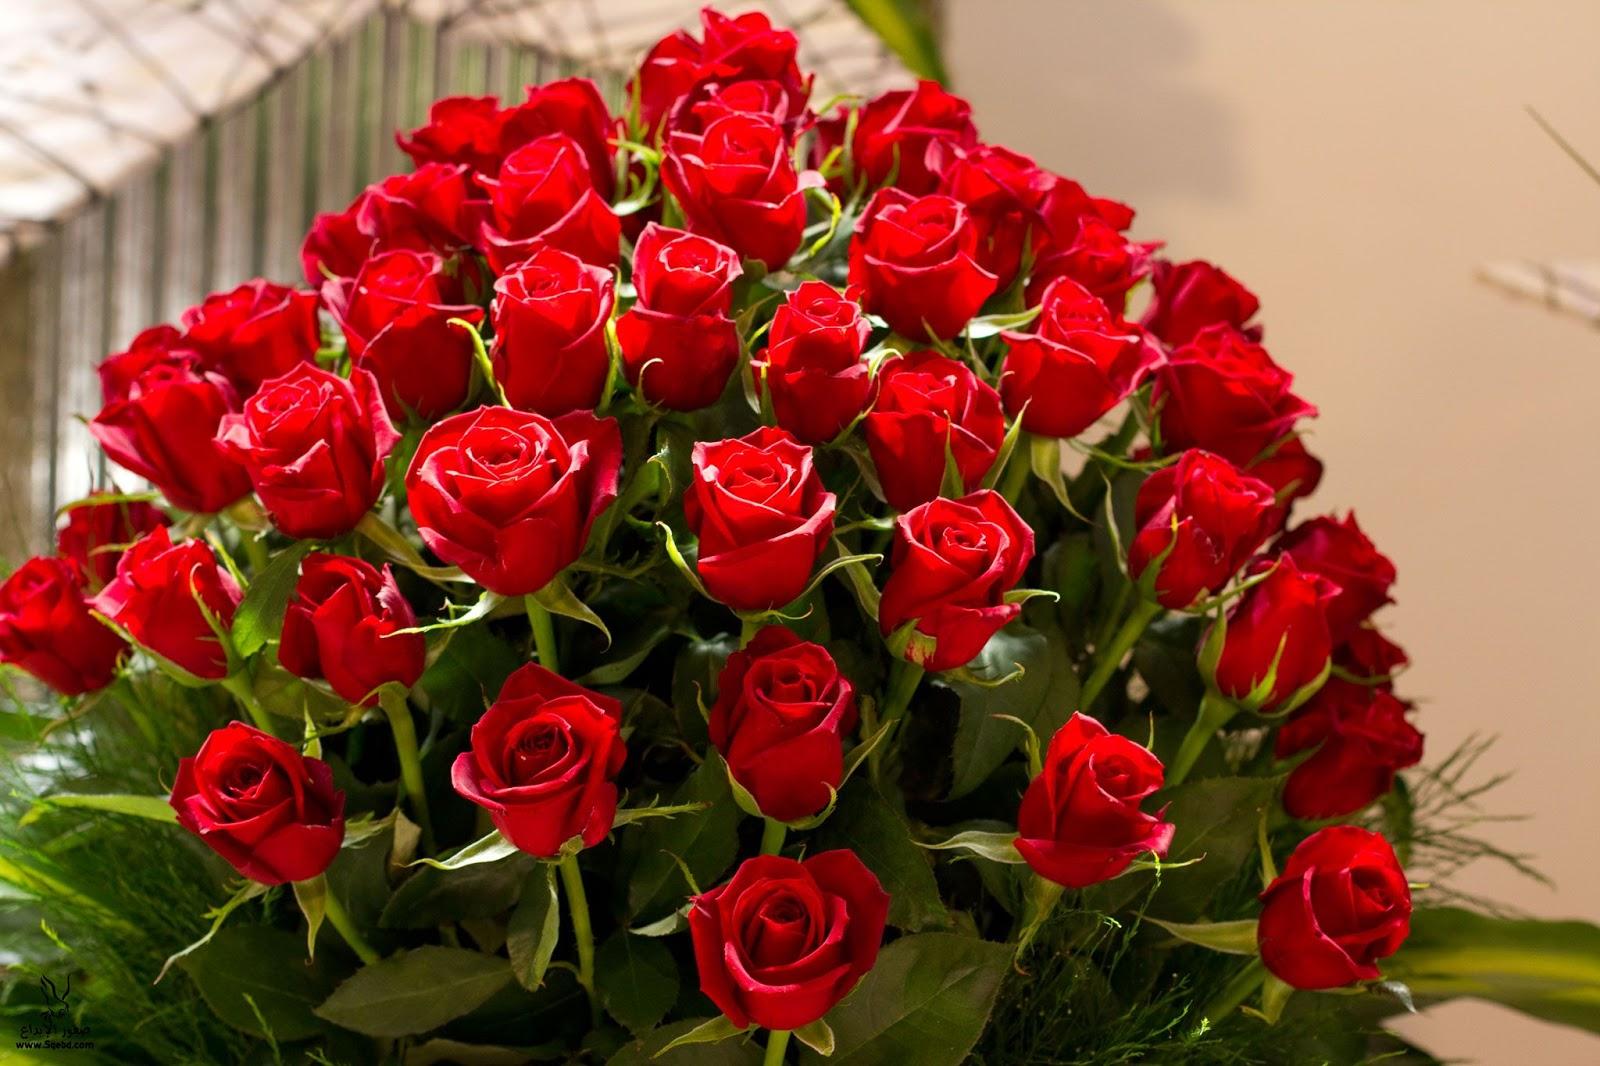 بالصور صور اجمل الورود , صورة احلى الورود فى العالم 5136 1